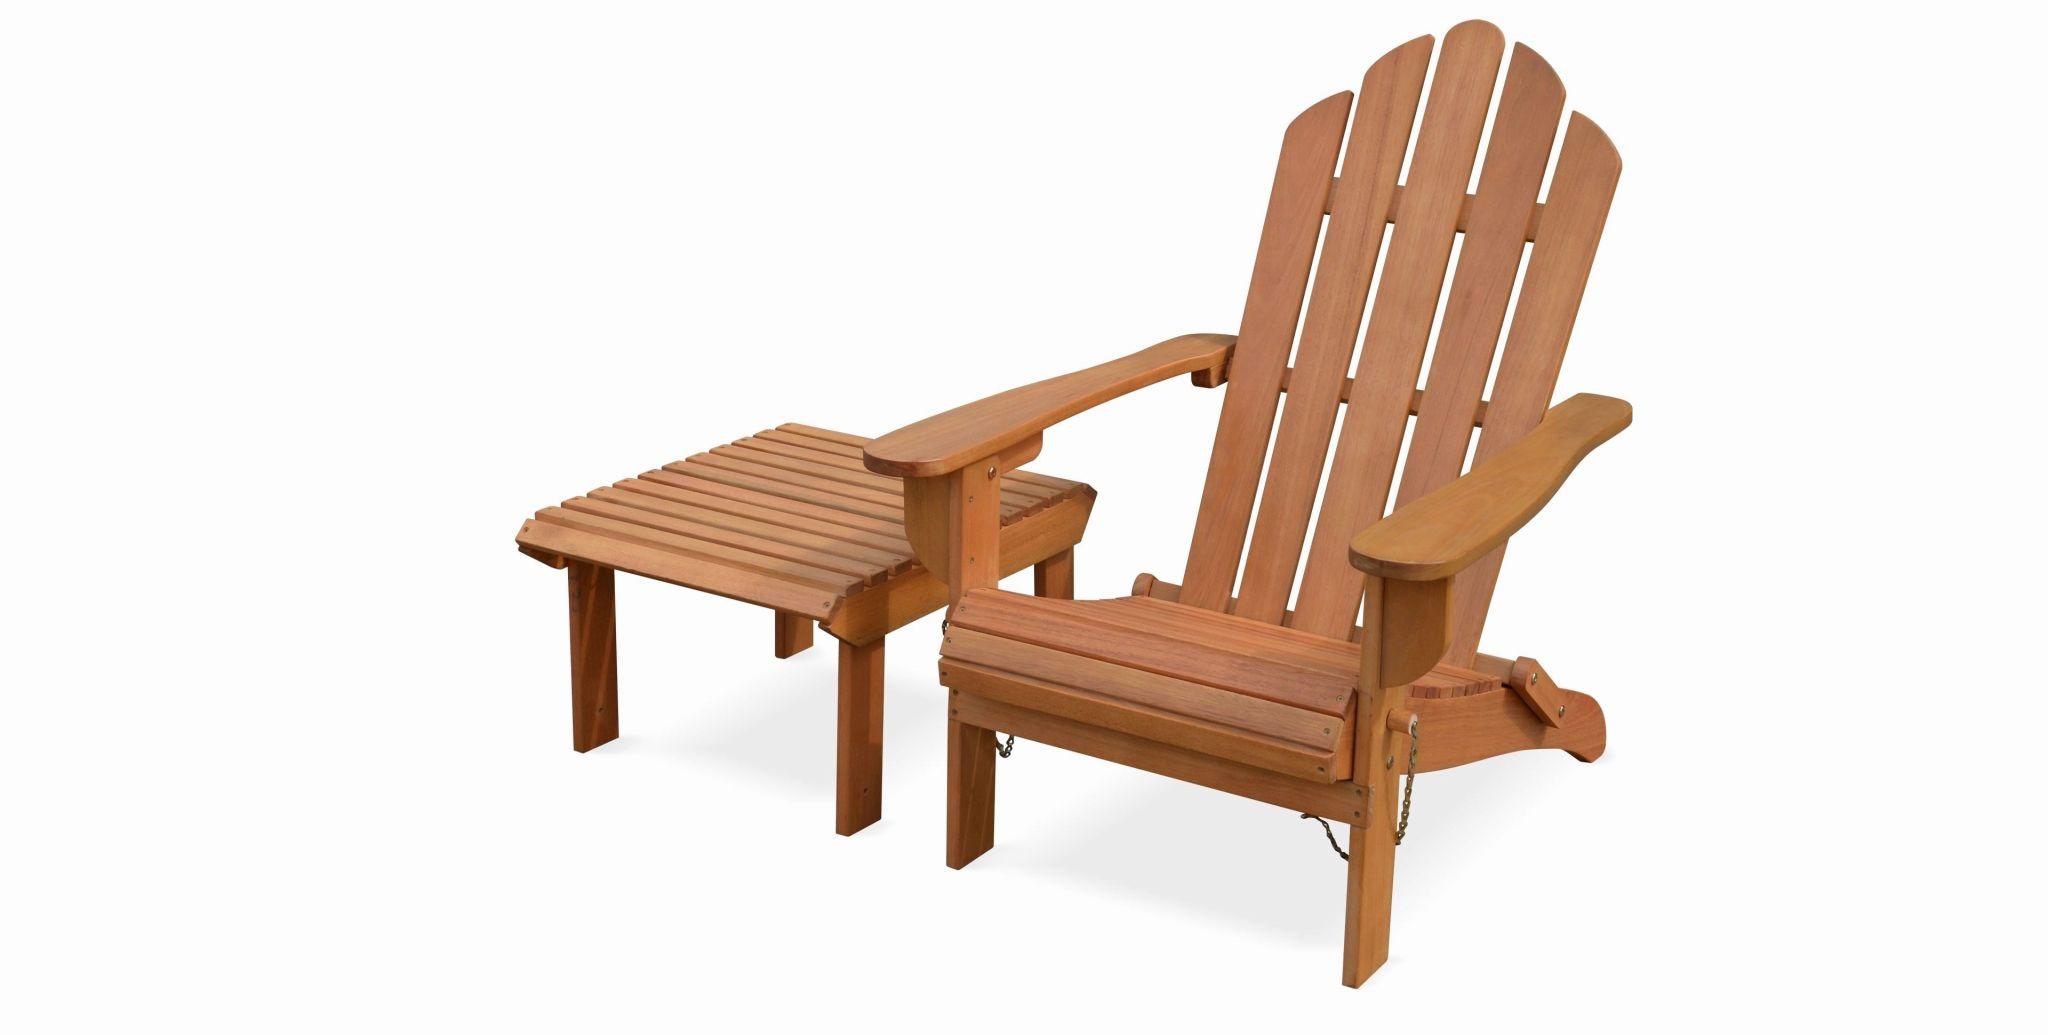 fauteuil de jardin en bois blanc ou 42 chaises et fauteuils de jardin de fauteuil de jardin en bois blanc